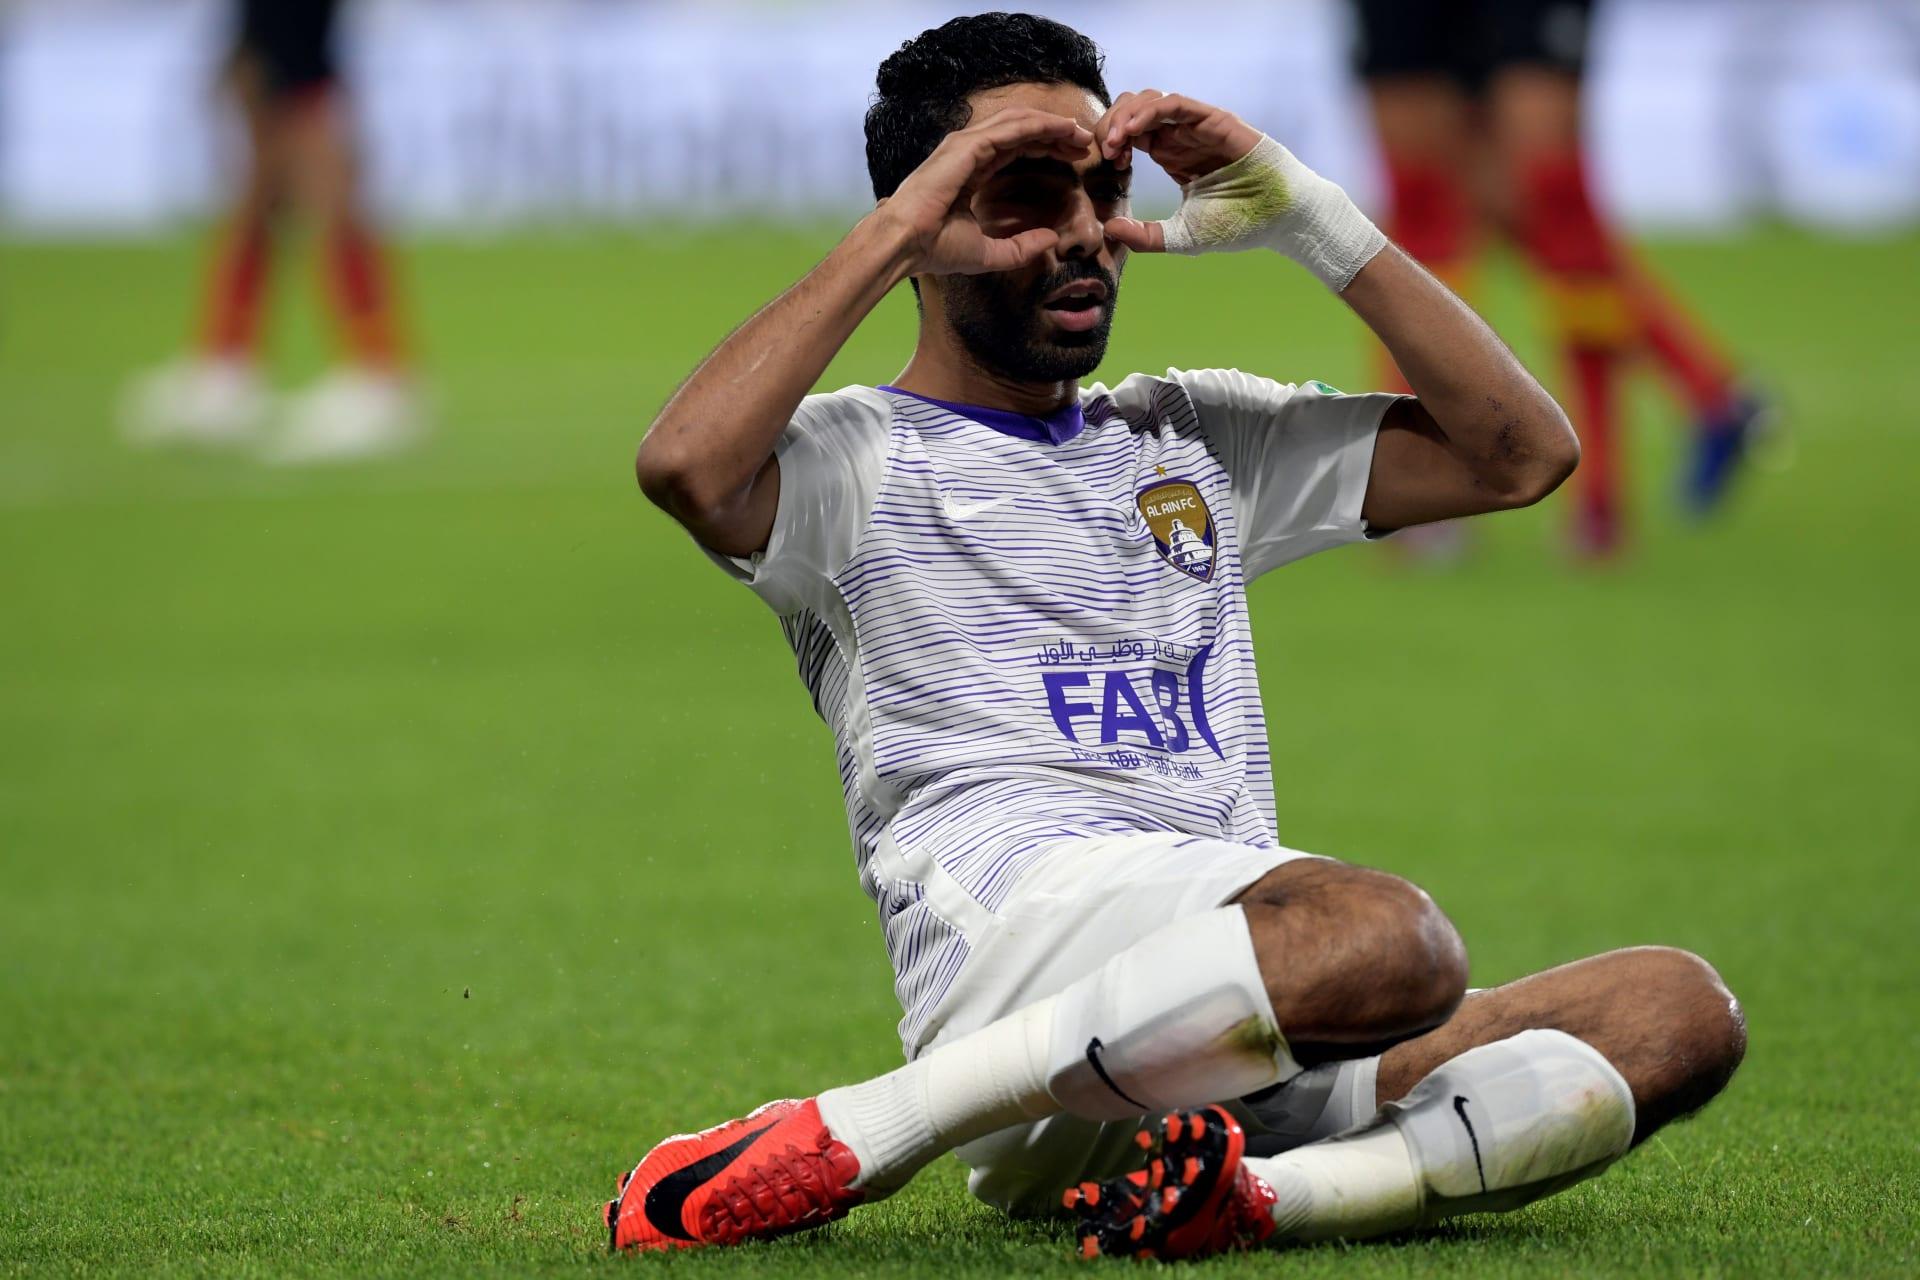 """حركة """"استفزازية"""" من حسين الشحات للاعبي الترجي تثير ضجة بين جماهير الأهلي على تويتر"""